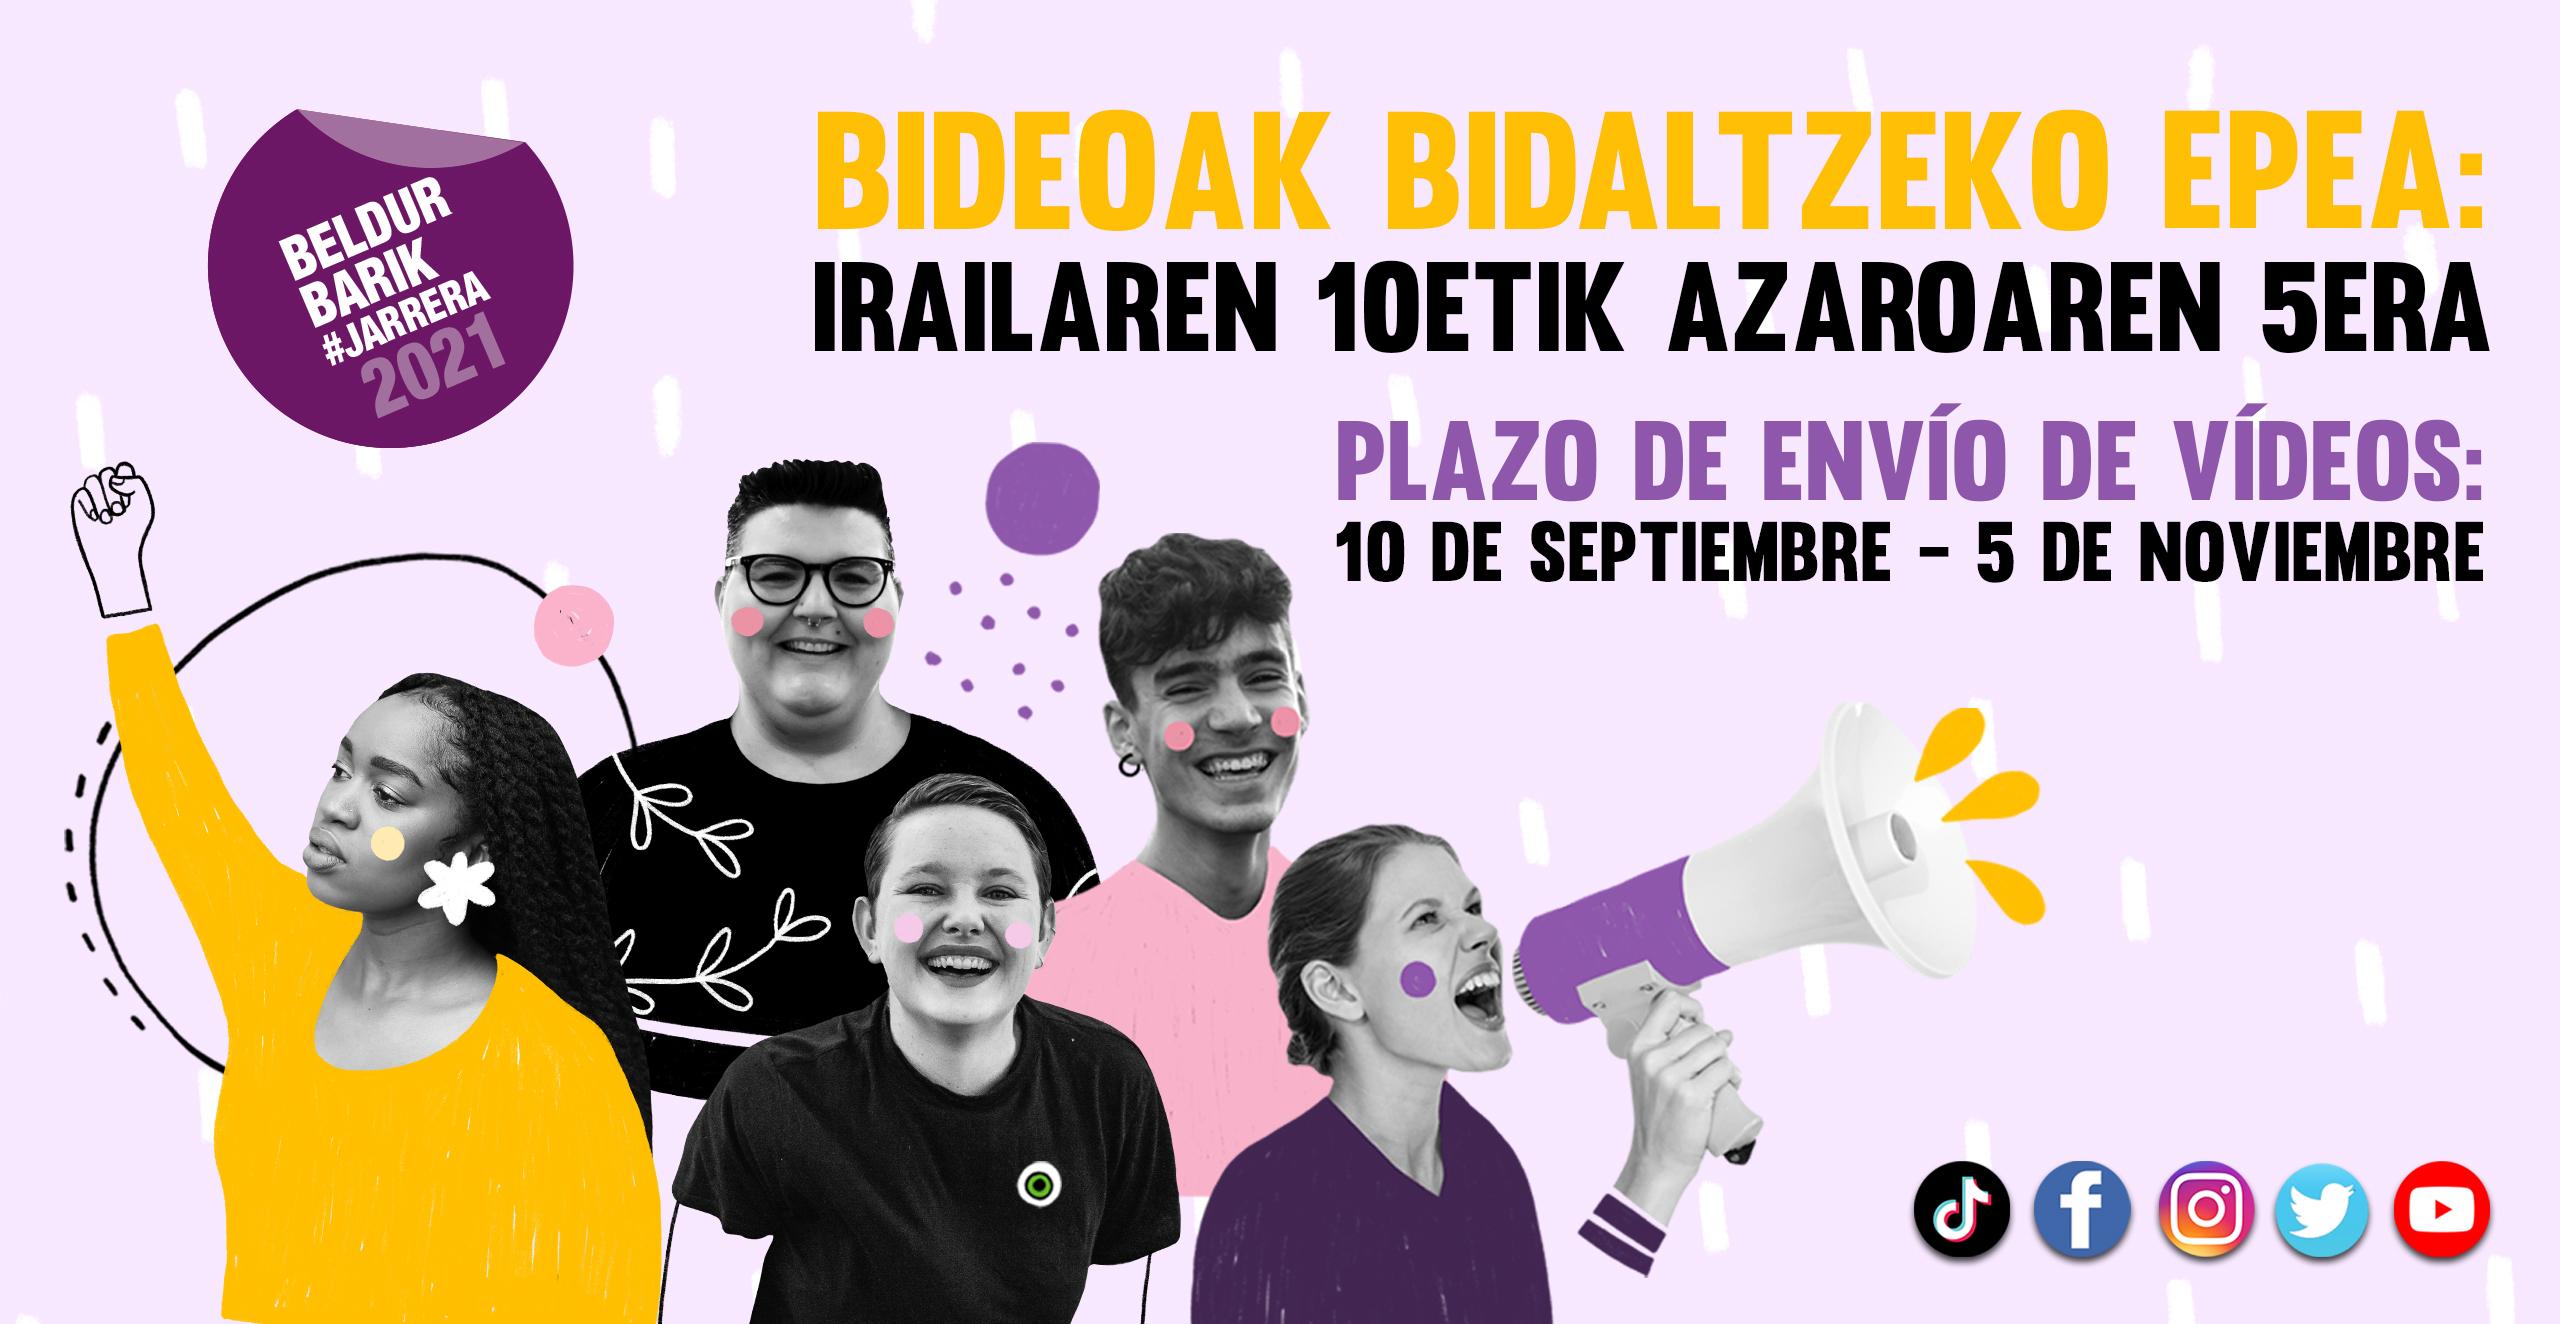 Plazo de envío de videos del 10 de septiembre al 5 de noviembre | Bideoak bidaltzeko epea irailaren 10etik azaroaren 5era